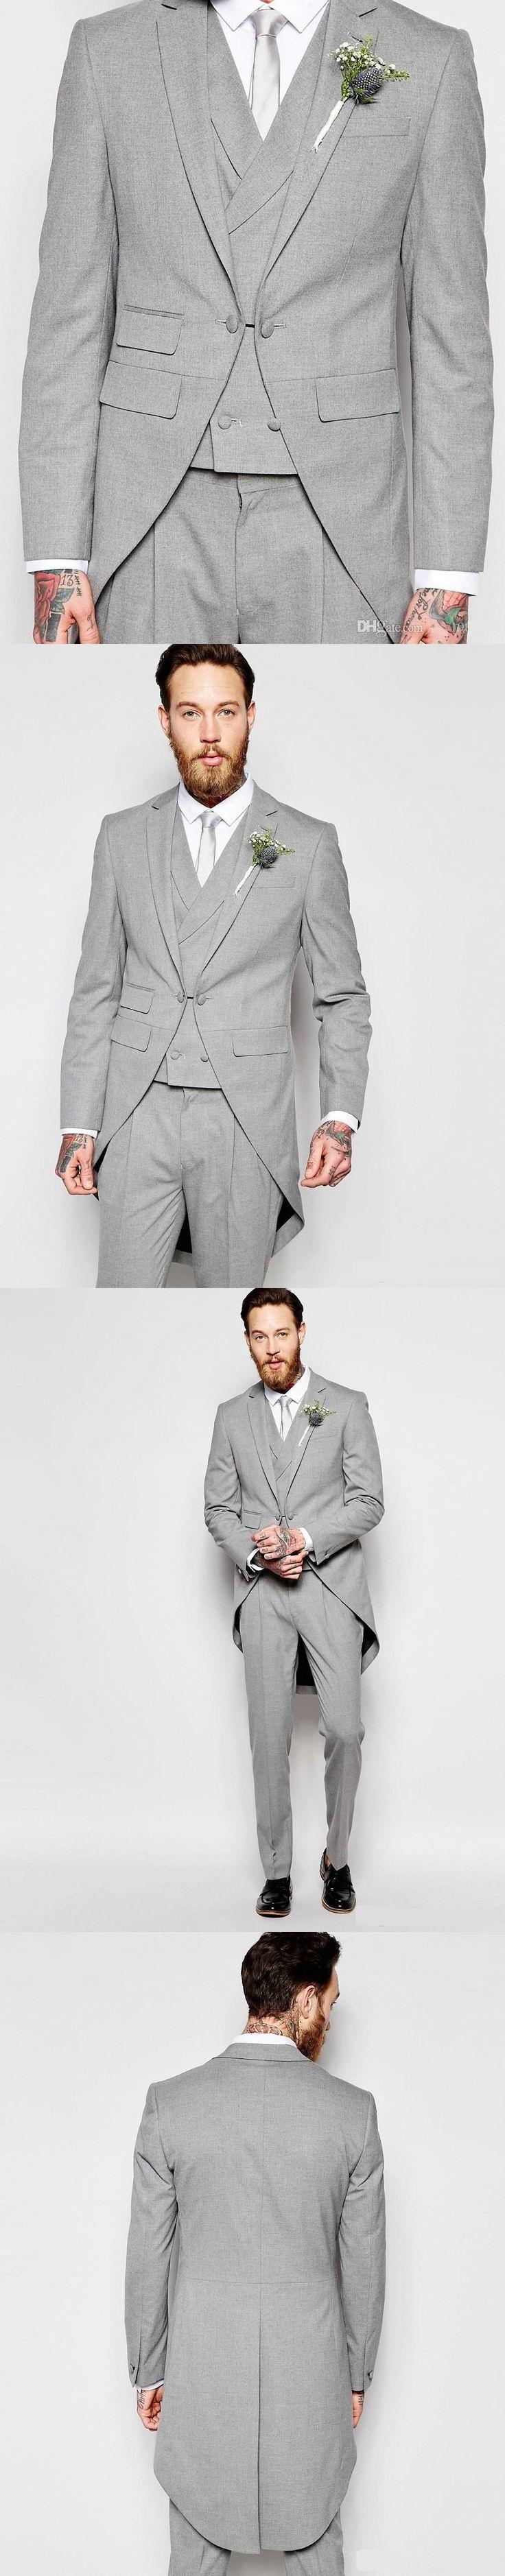 Classic Light Grey Men Suits With Long Coat 2017 Elehgant Groomsmen Wedding Tuxedos Best Men Suits (Coat+Vest+Pants+Tie)